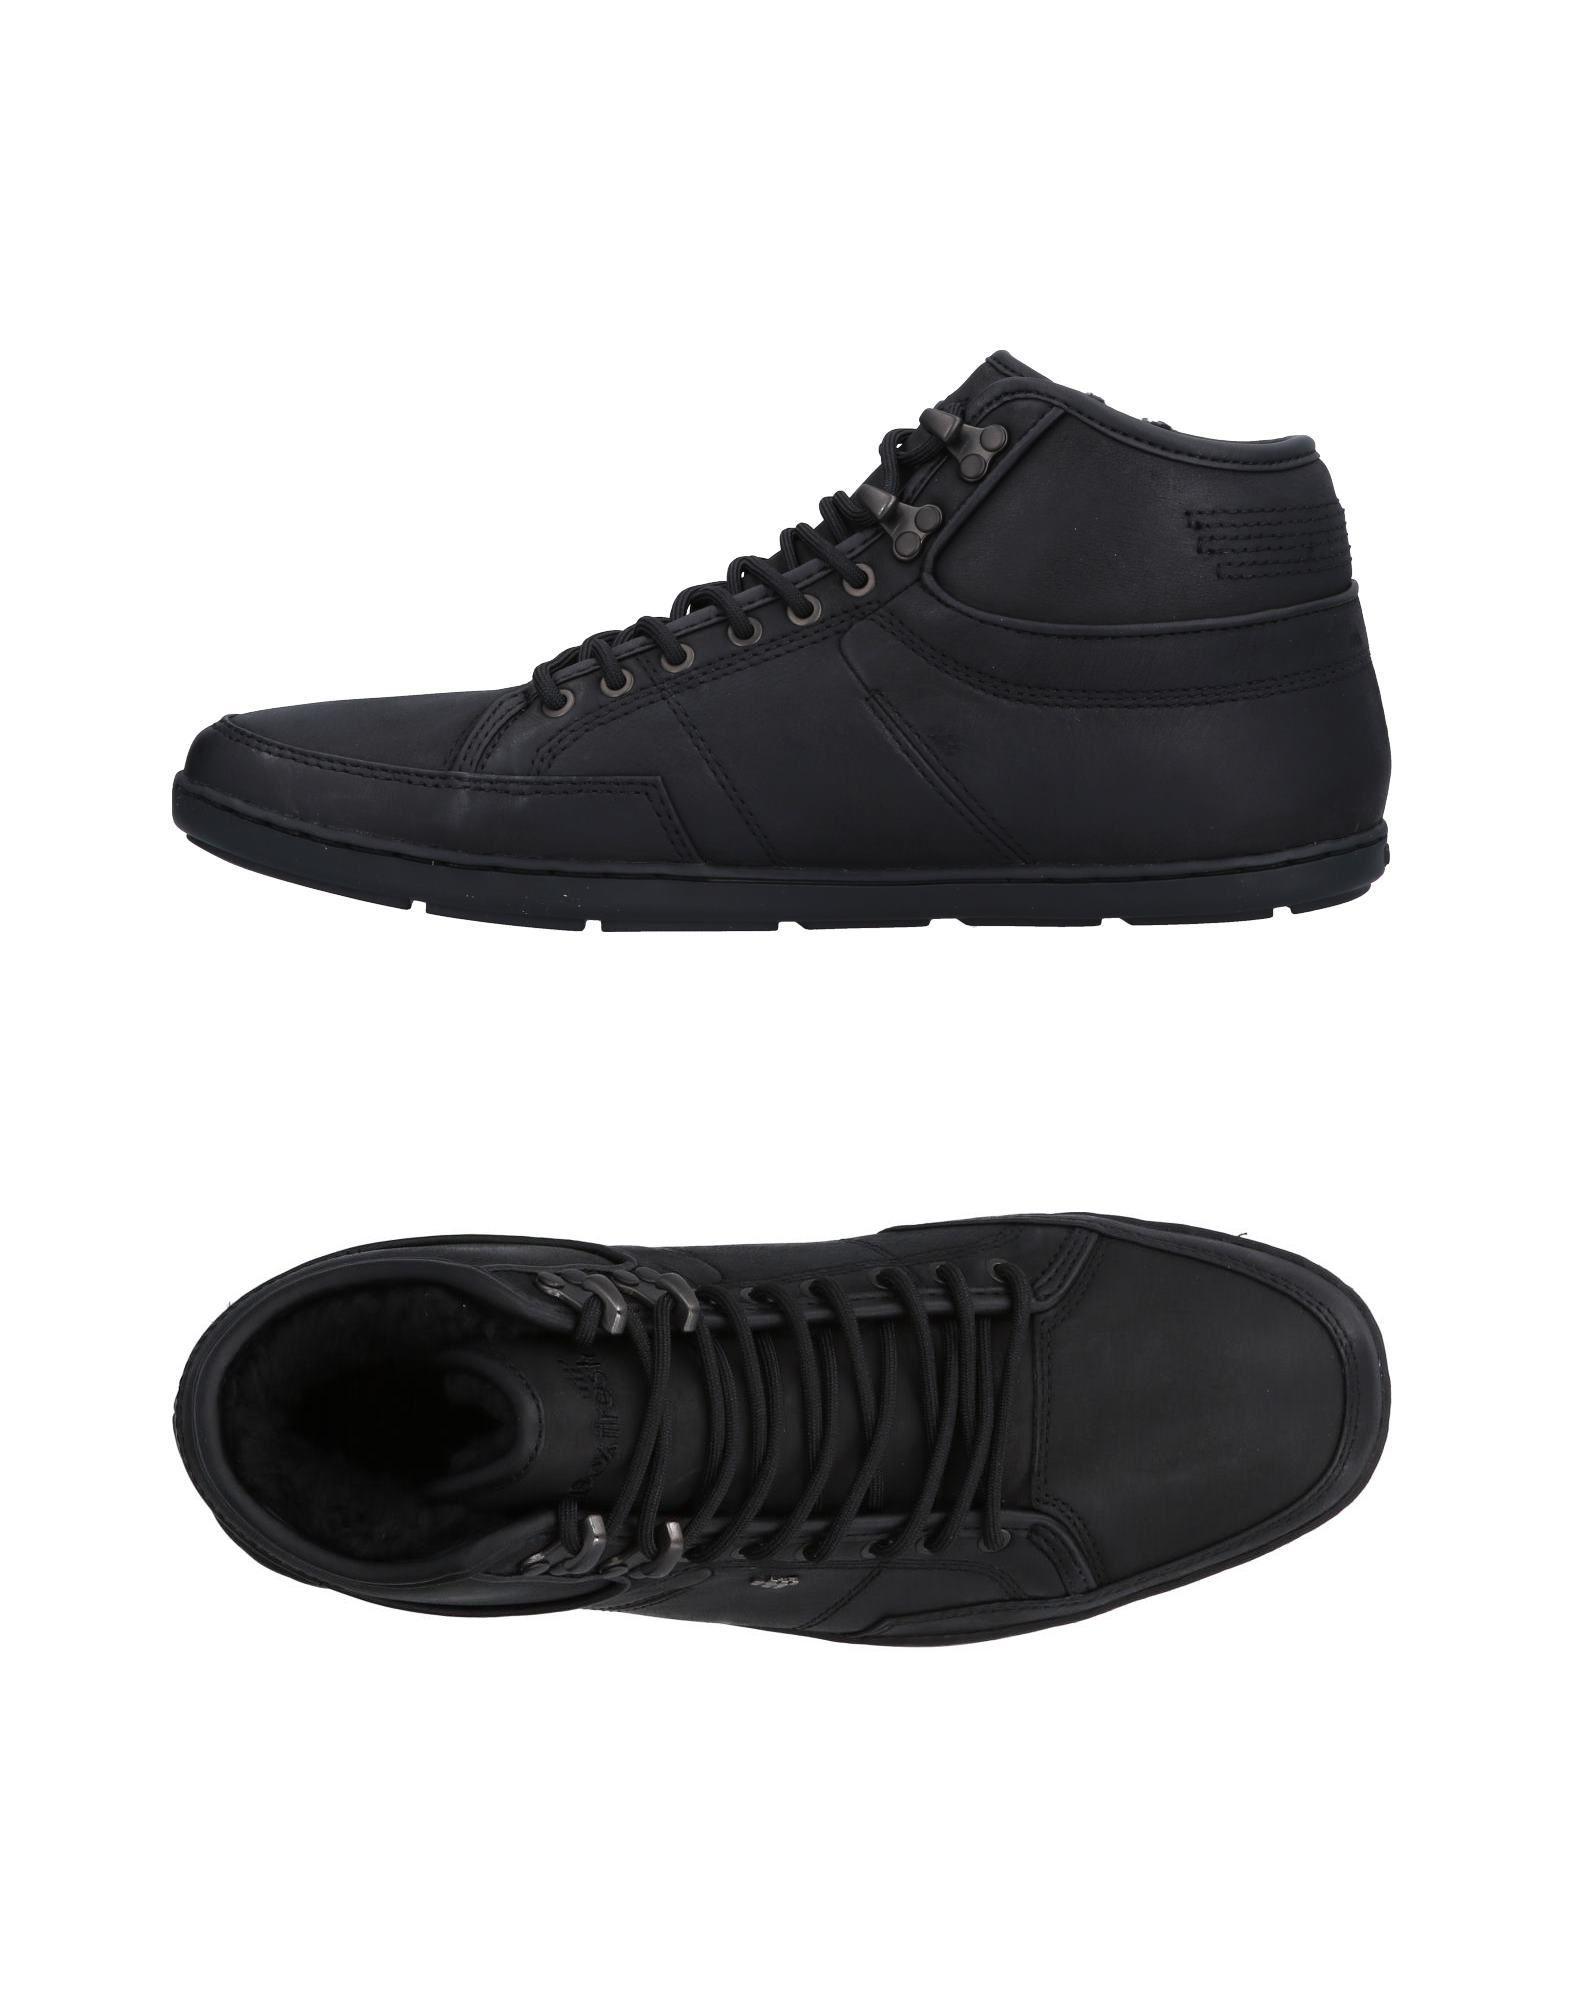 Boxfresh Sneakers Herren  11500299WL 11500299WL  308d7d